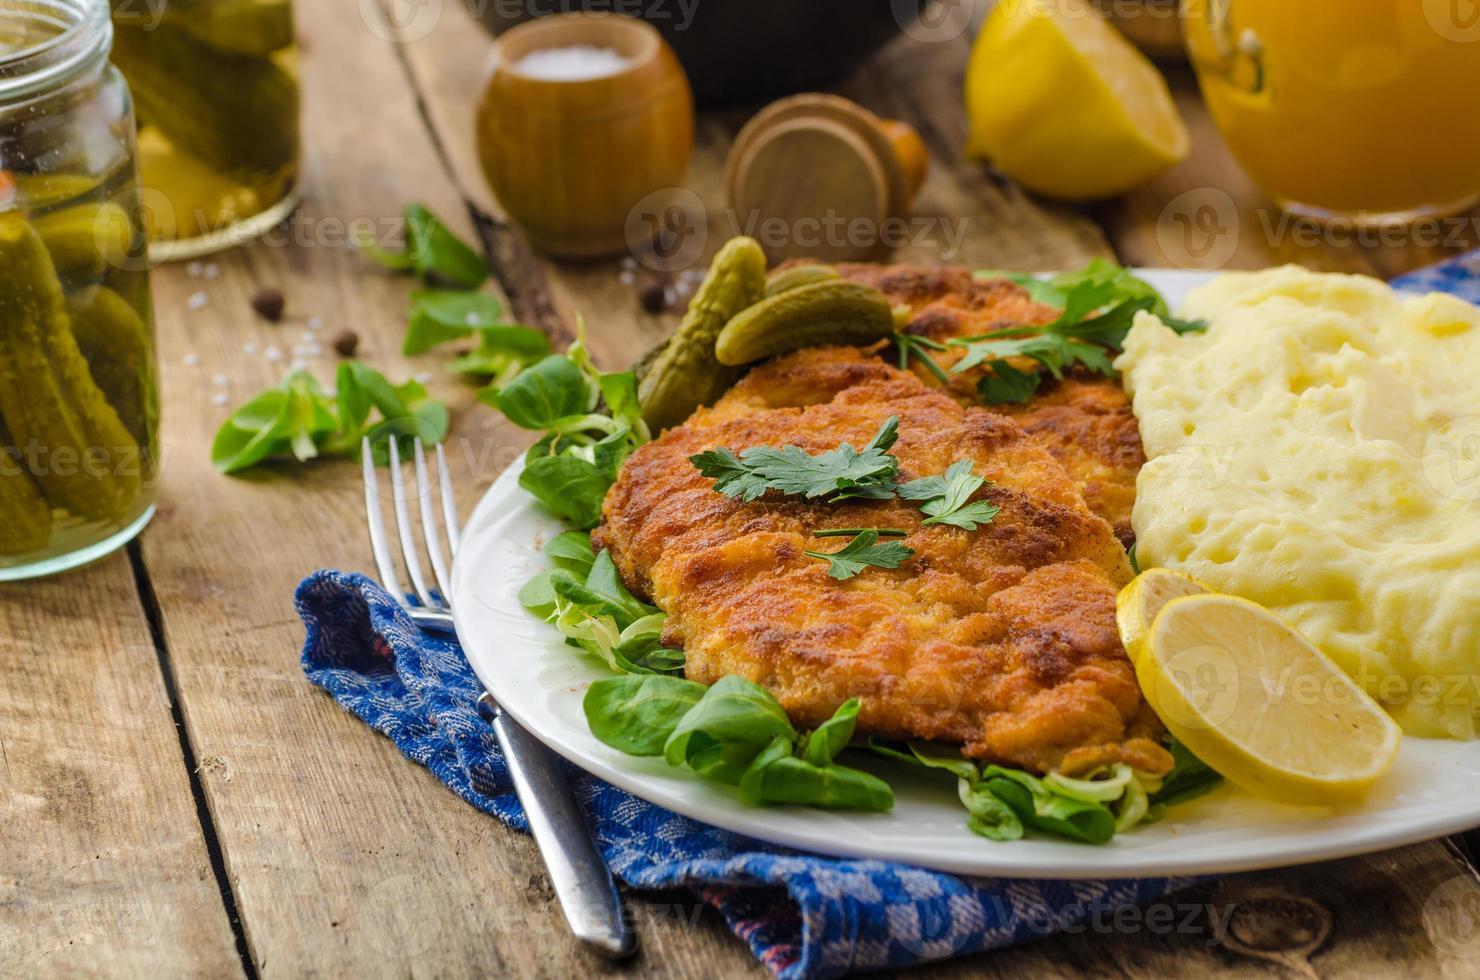 schnitzel de salsicha, schnitzel delicioso foto